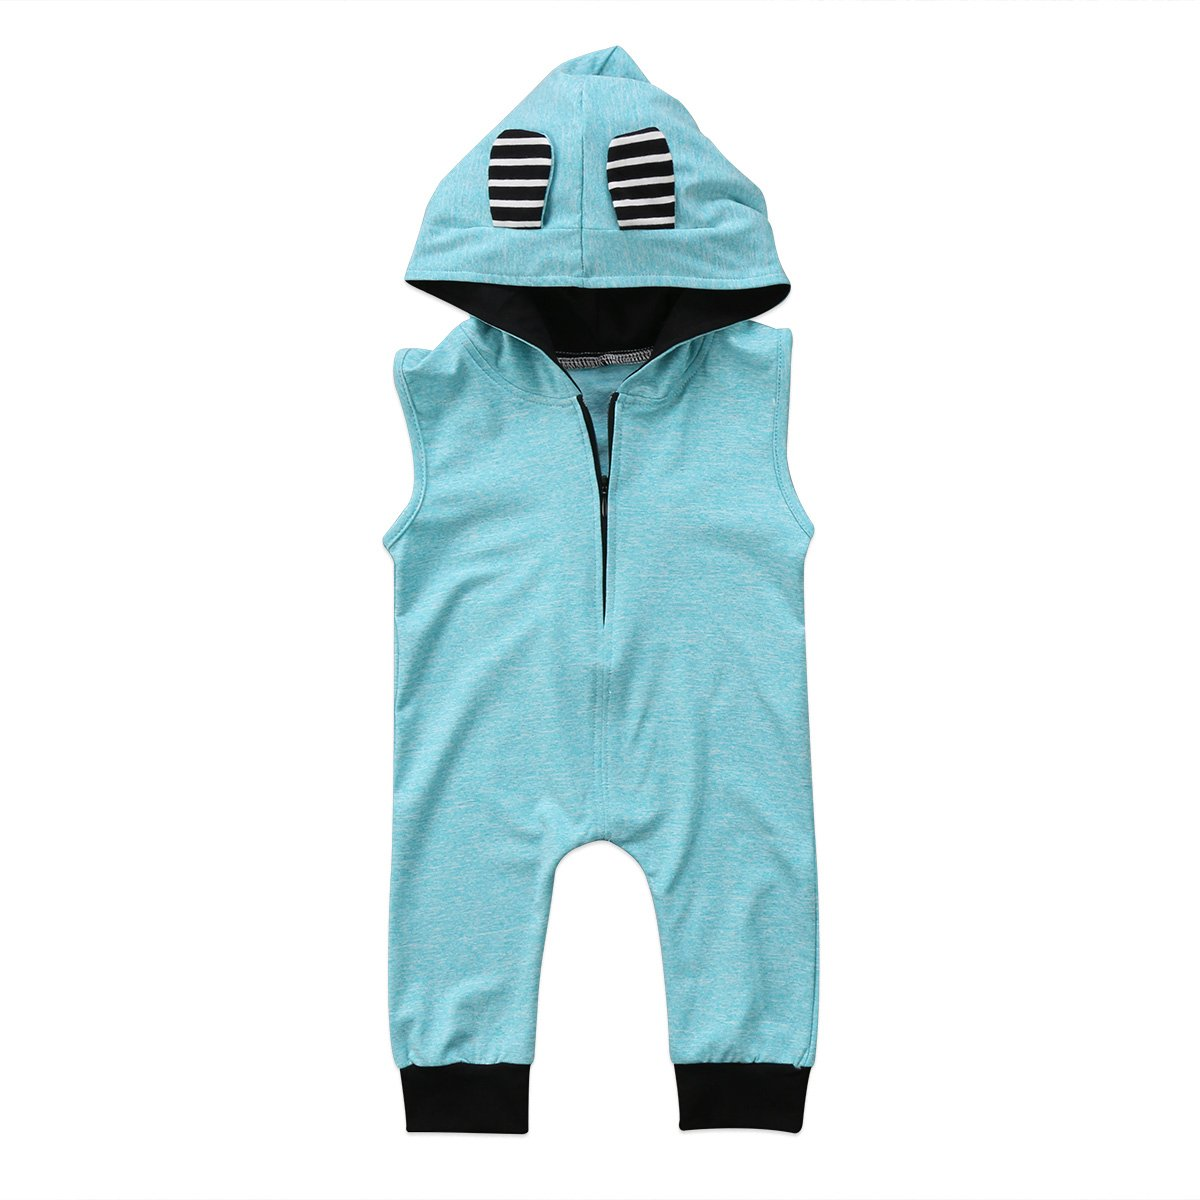 【最安値挑戦!】 Ma&Baby PANTS ベビーボーイズ ユニセックスベビー Months B07D9DTMW8 ブルー 6 PANTS - 12 6 Months, 色めき:623d8759 --- martinemoeykens-com.access.secure-ssl-servers.info